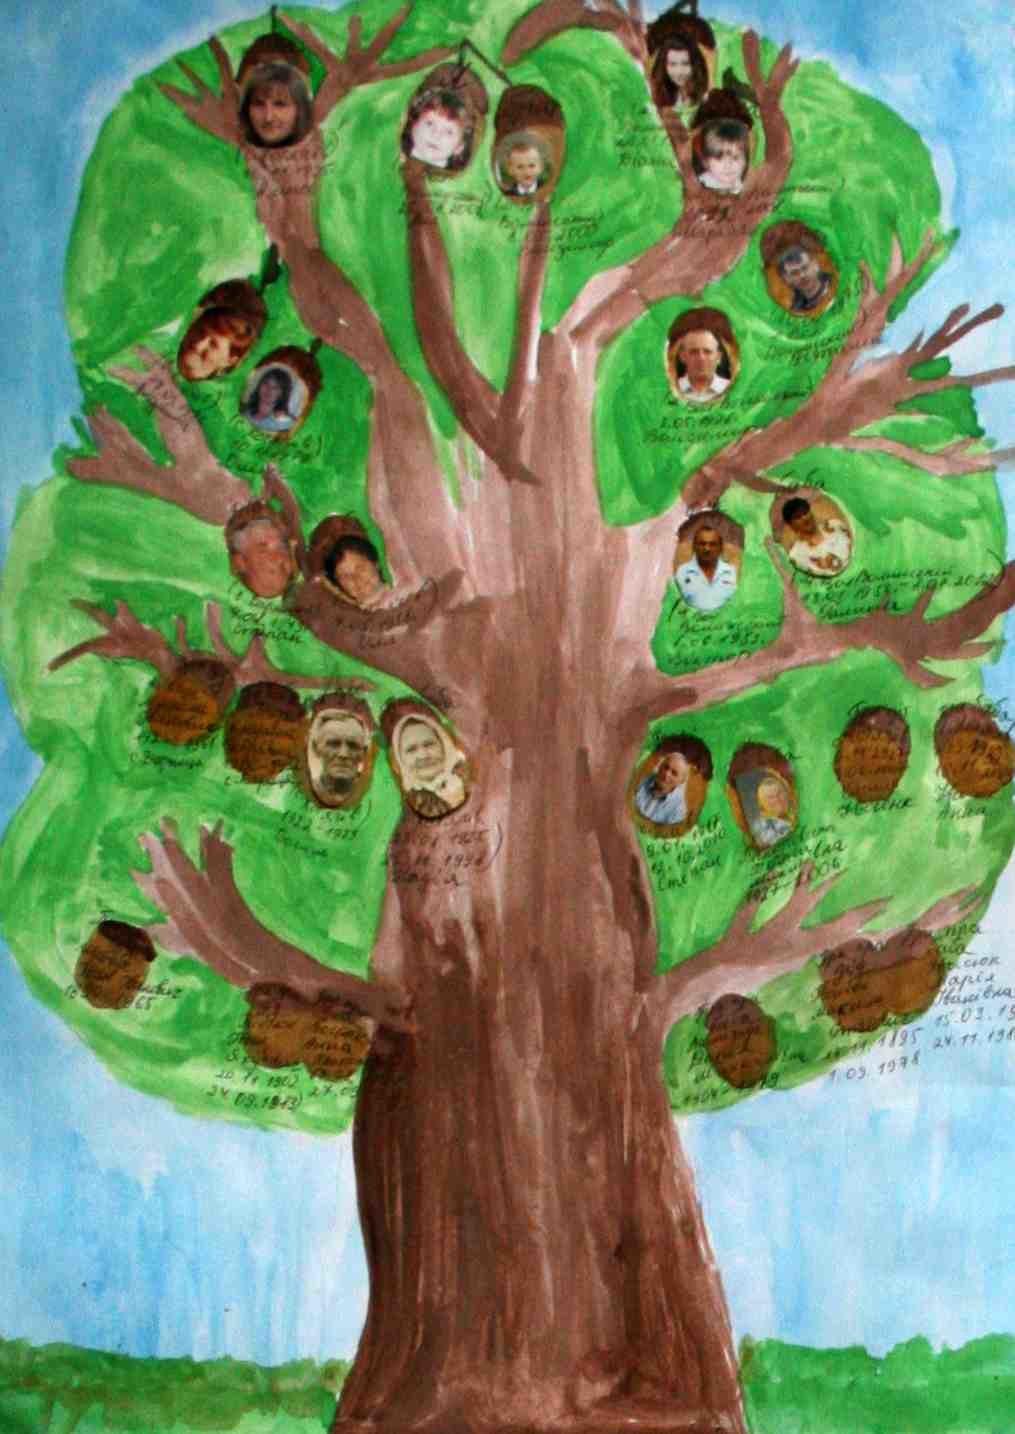 родственное дерево рисунок фото своими руками узнаете